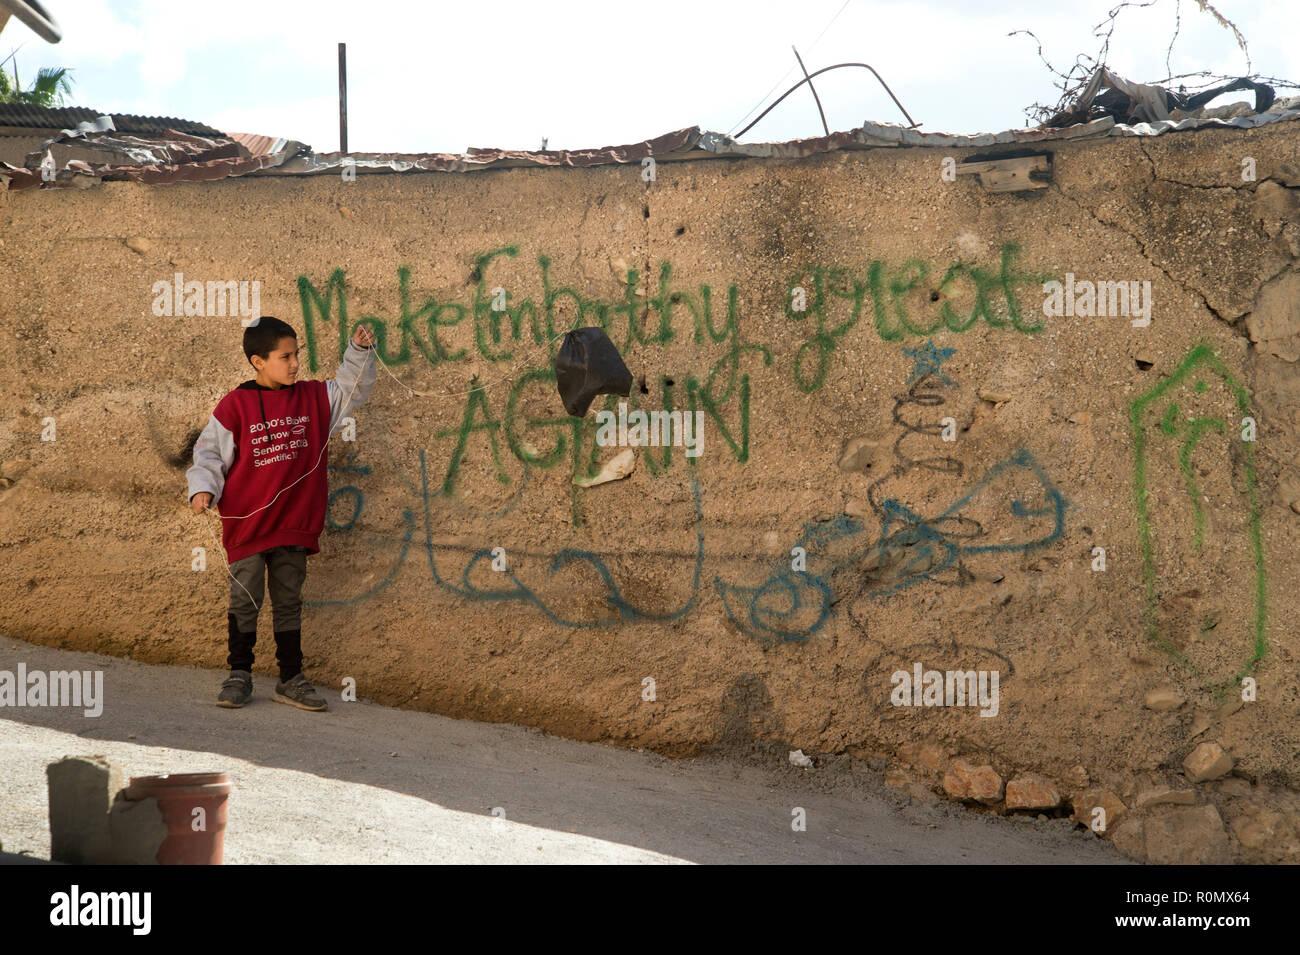 """Belén. Palestina. Un chico juega con una cometa hecha de una bolsa de plástico negra, en la parte delantera de la Escritura diciendo 'make empatía gran nuevamente"""". Imagen De Stock"""